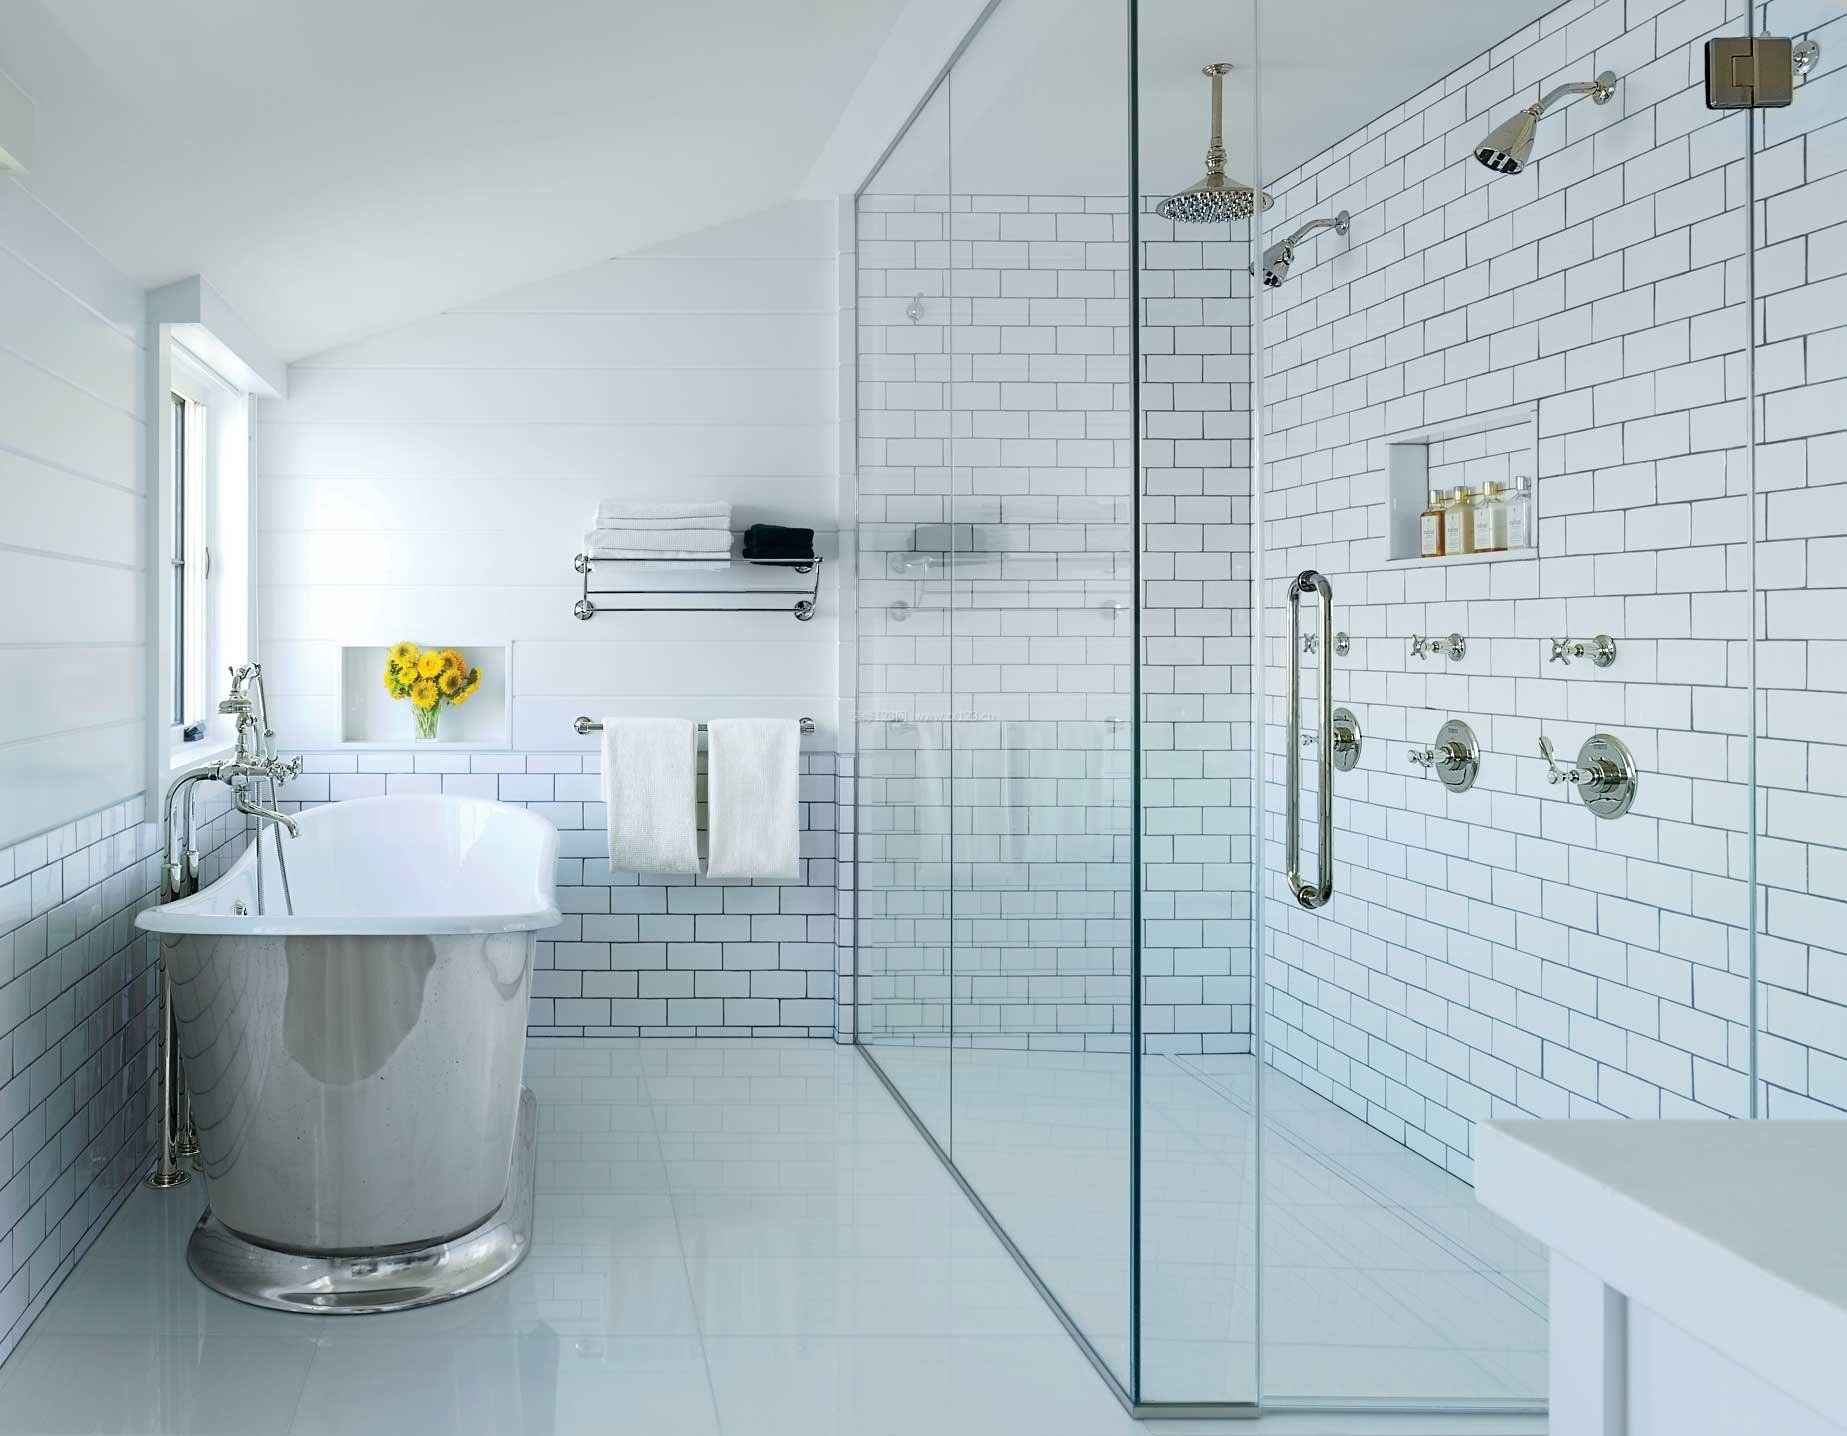 2017北欧风格家庭浴室置物架效果图图片